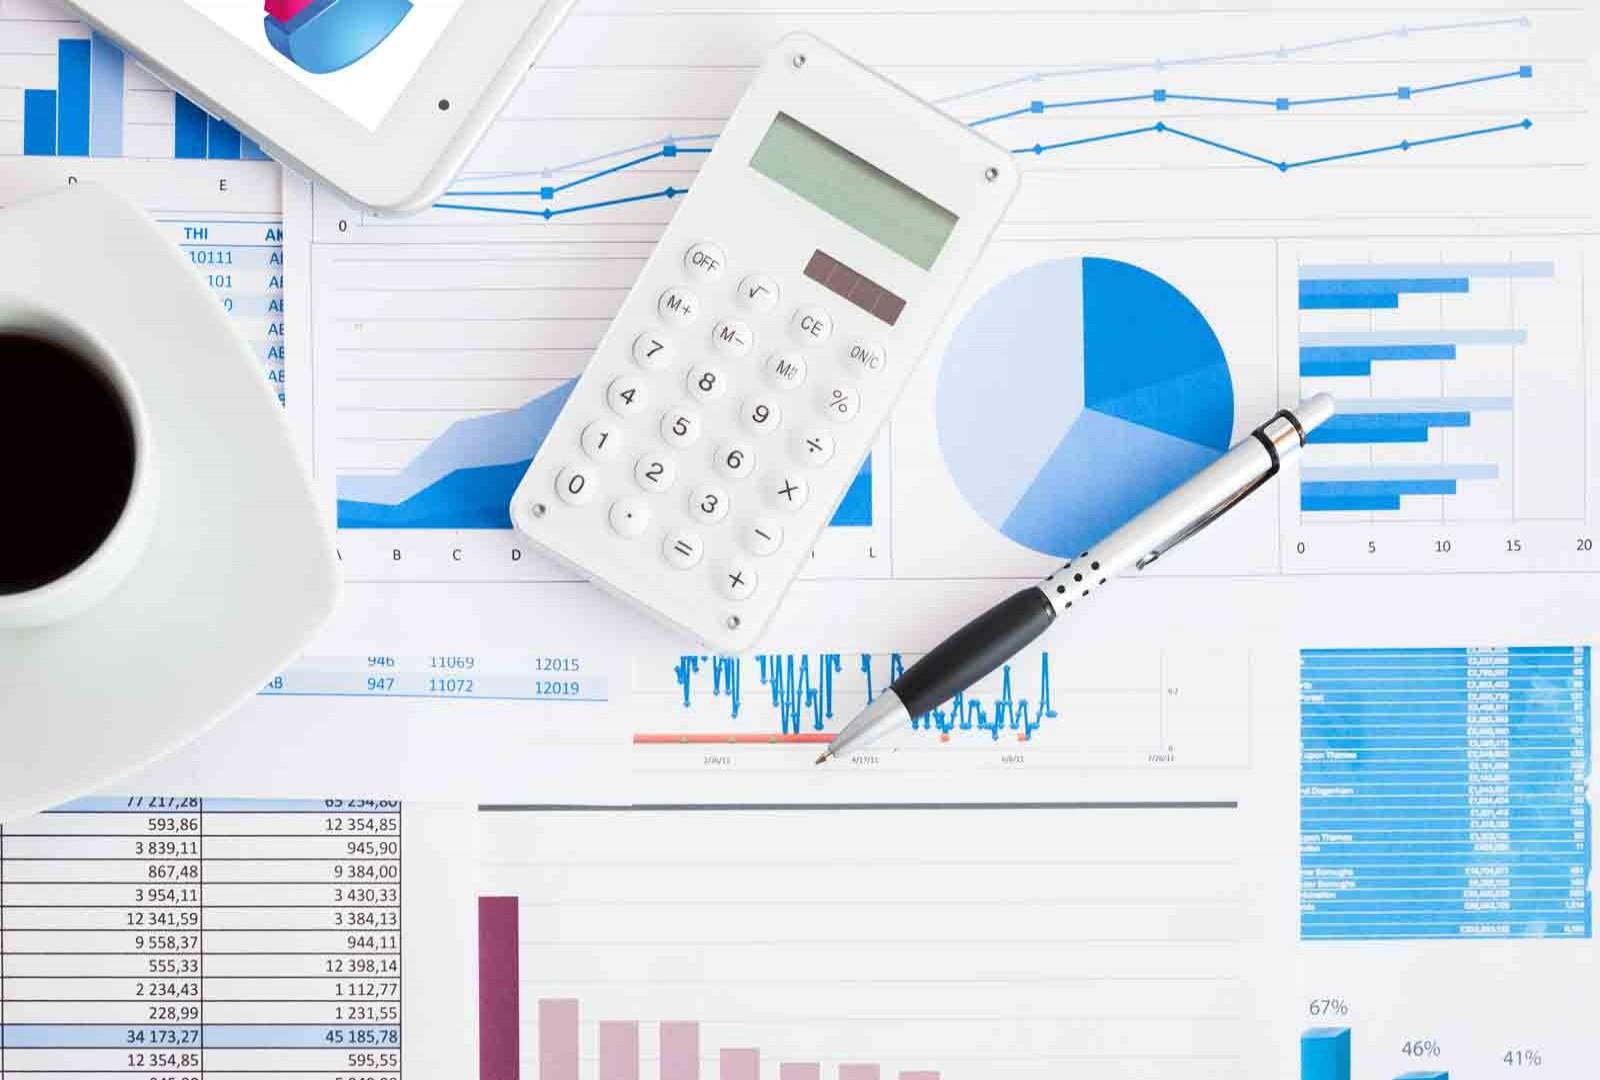 Oferim servicii de contabilitate, audit, consultanta fiscala. Cu pasiune si rigurozitate.